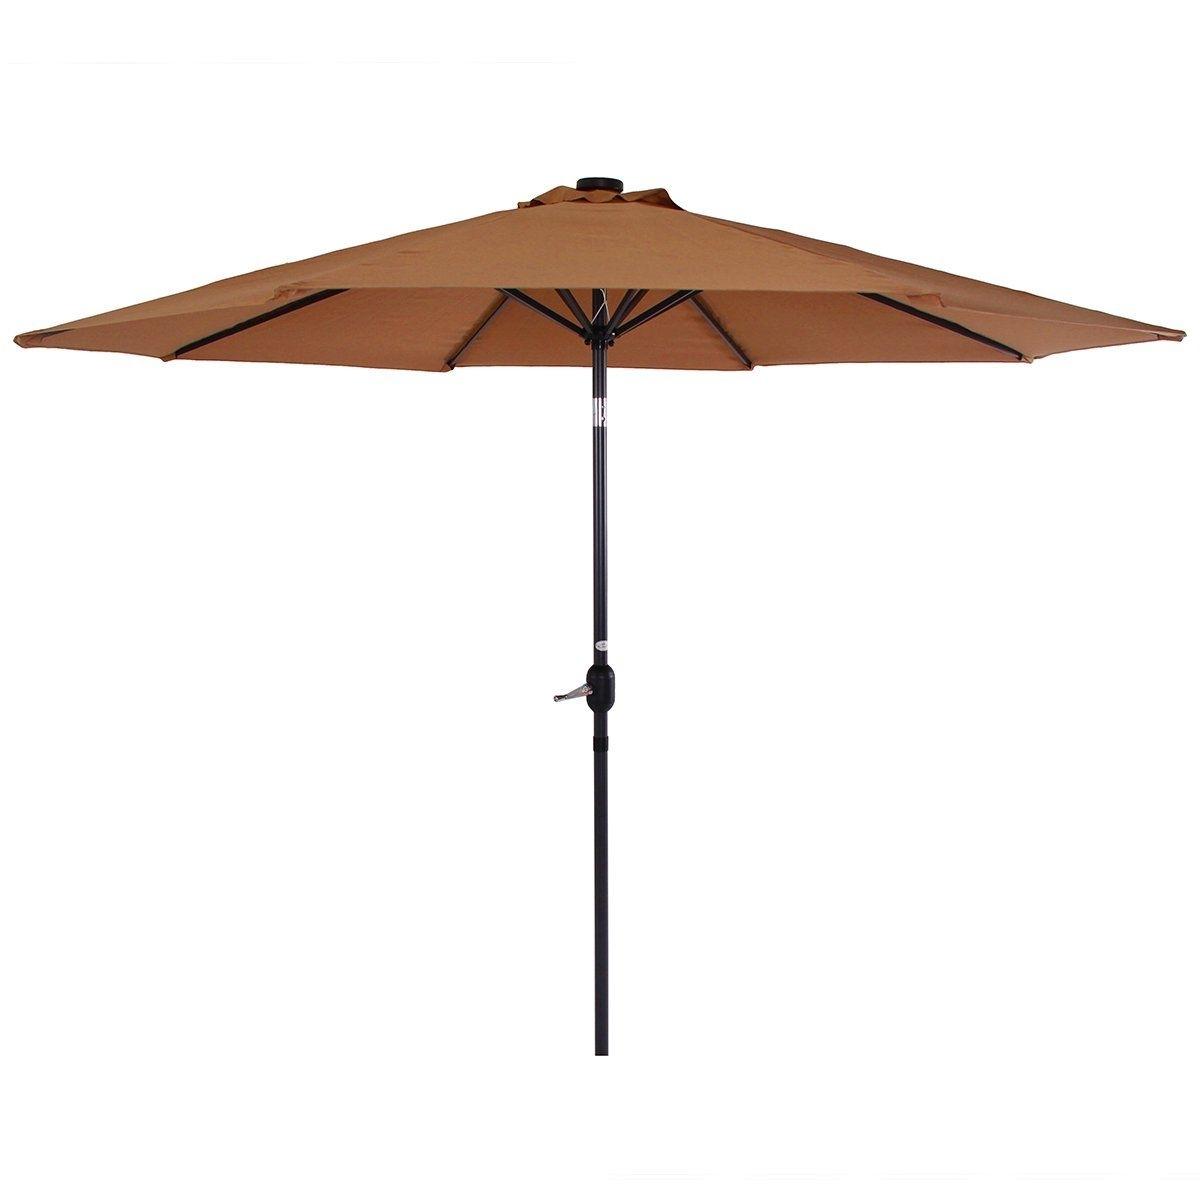 Phi Villa 9 Ft Patio Umbrella Premium Deluxe Outdoor Umbrella With Within 2018 9 Ft Patio Umbrellas (View 18 of 20)